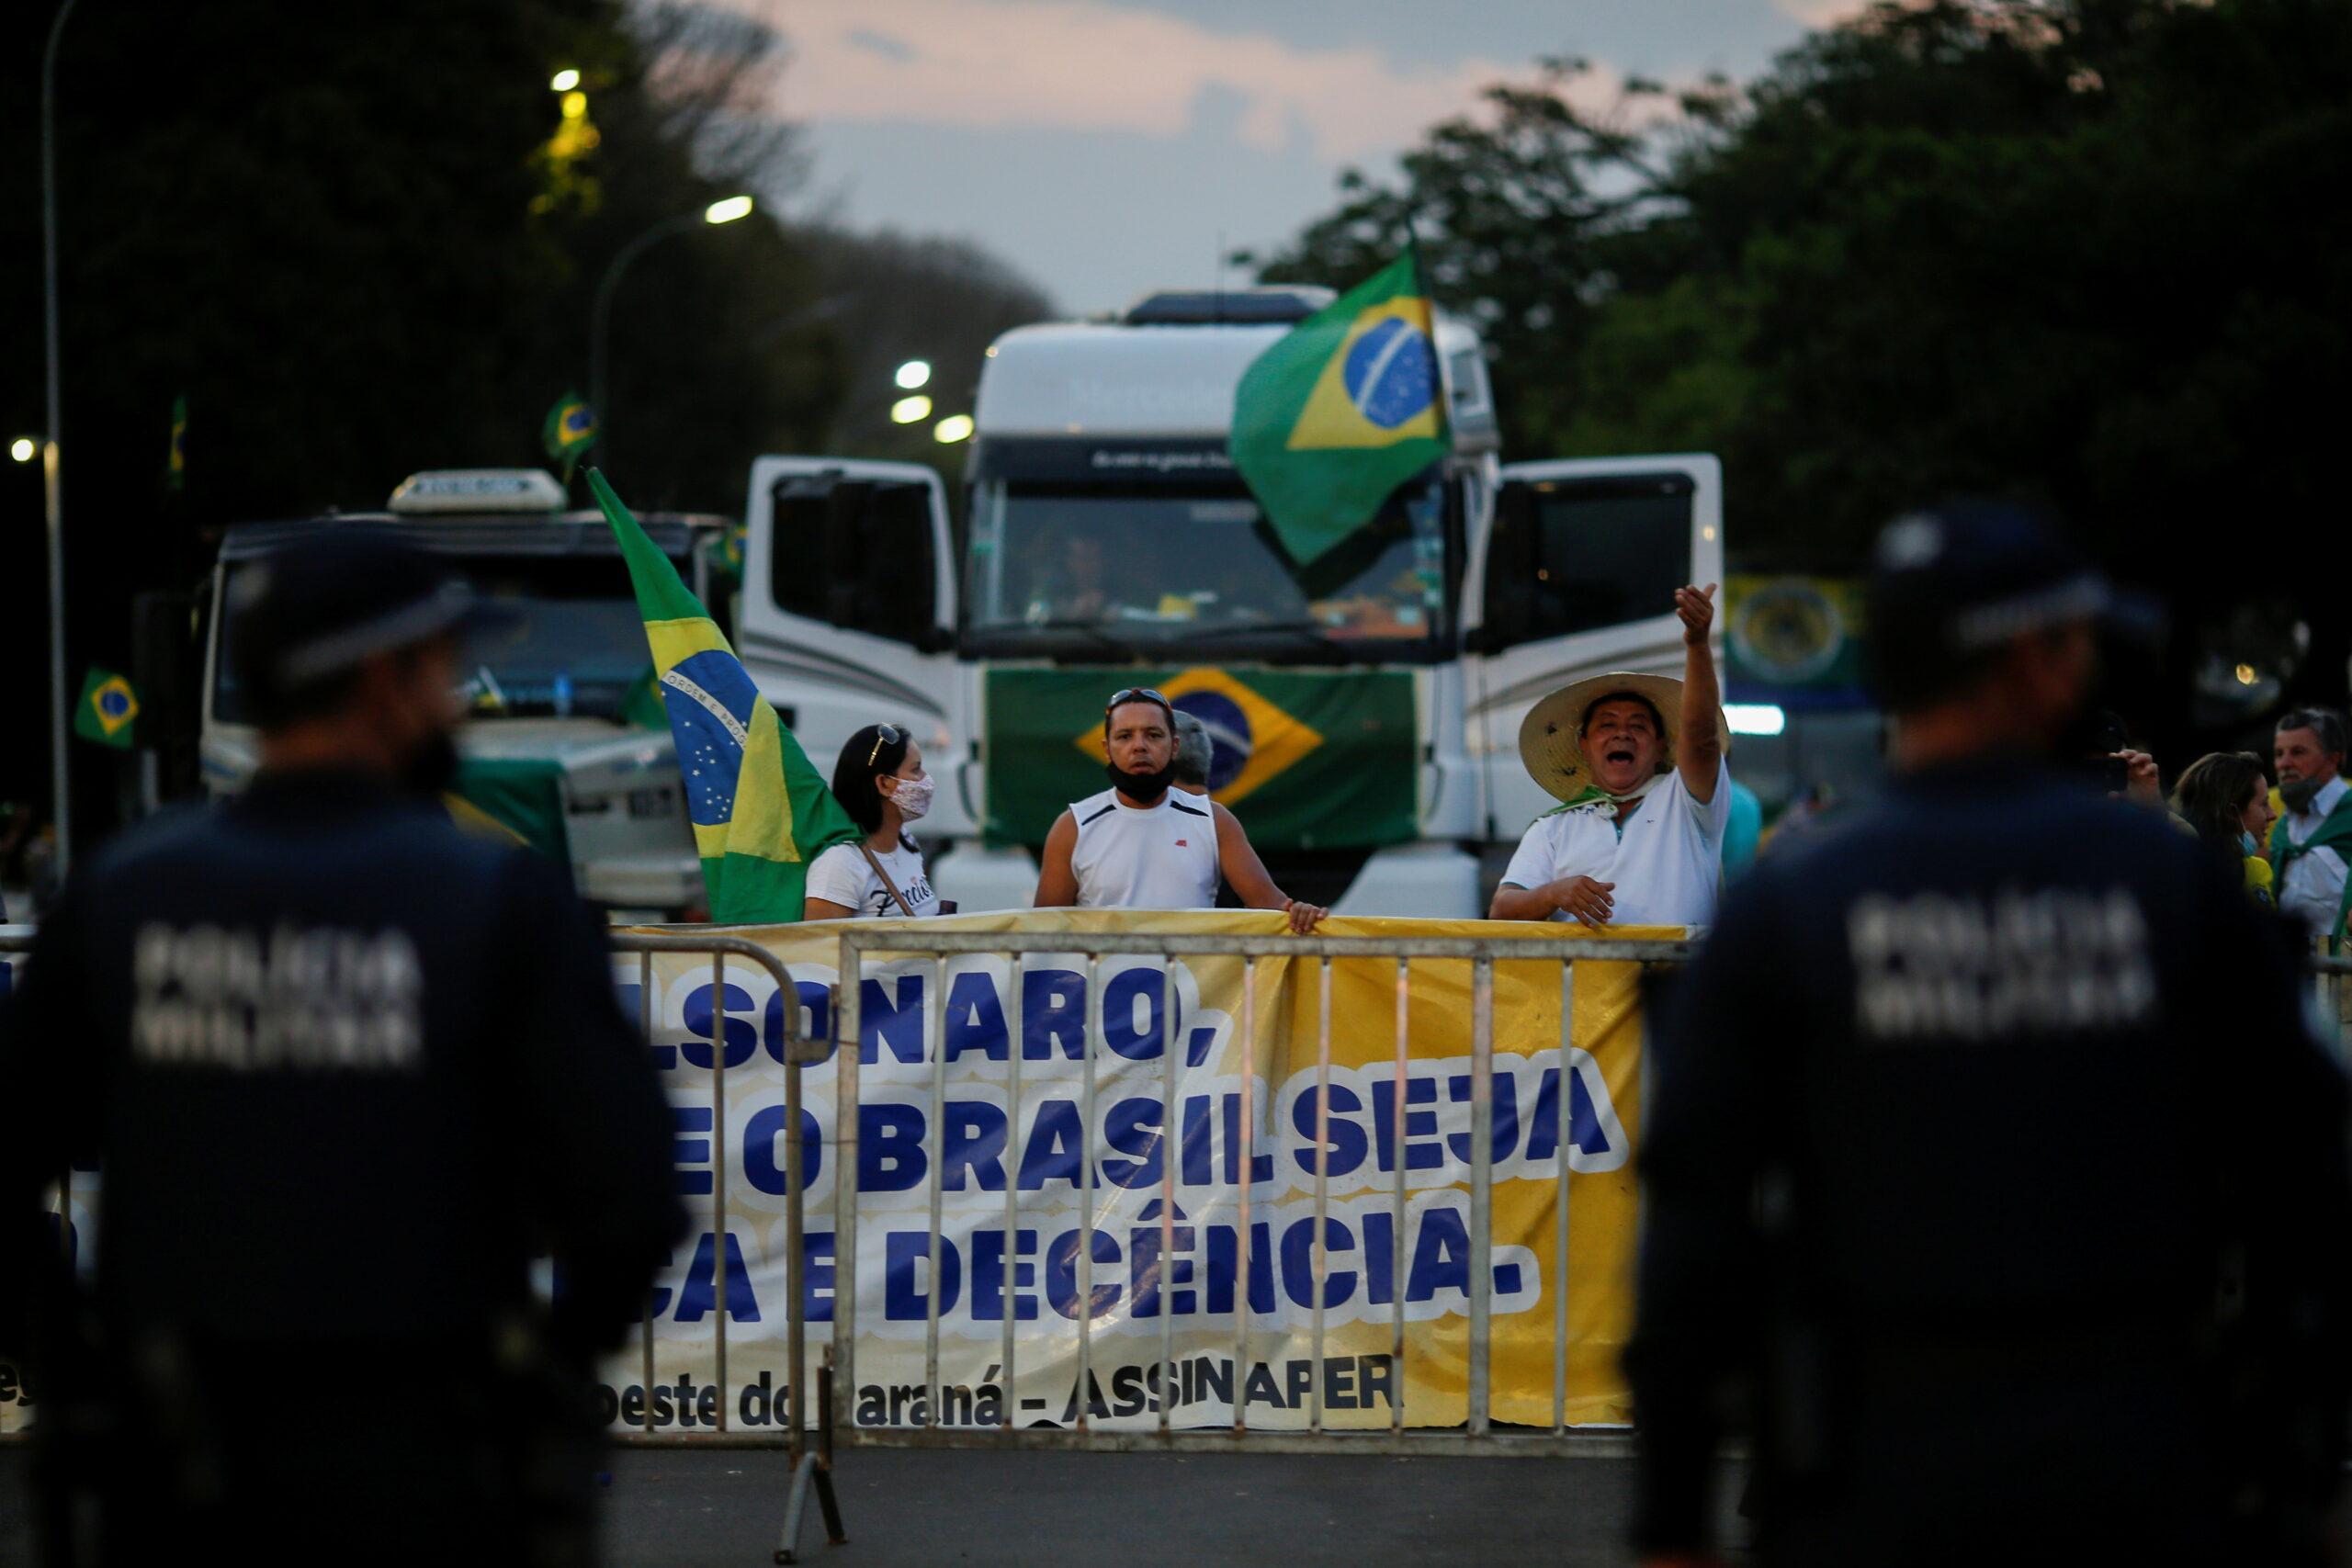 Pessoas estendem faixa como forma de protesto e caminhão ao fundo com bandeiras do Brasil